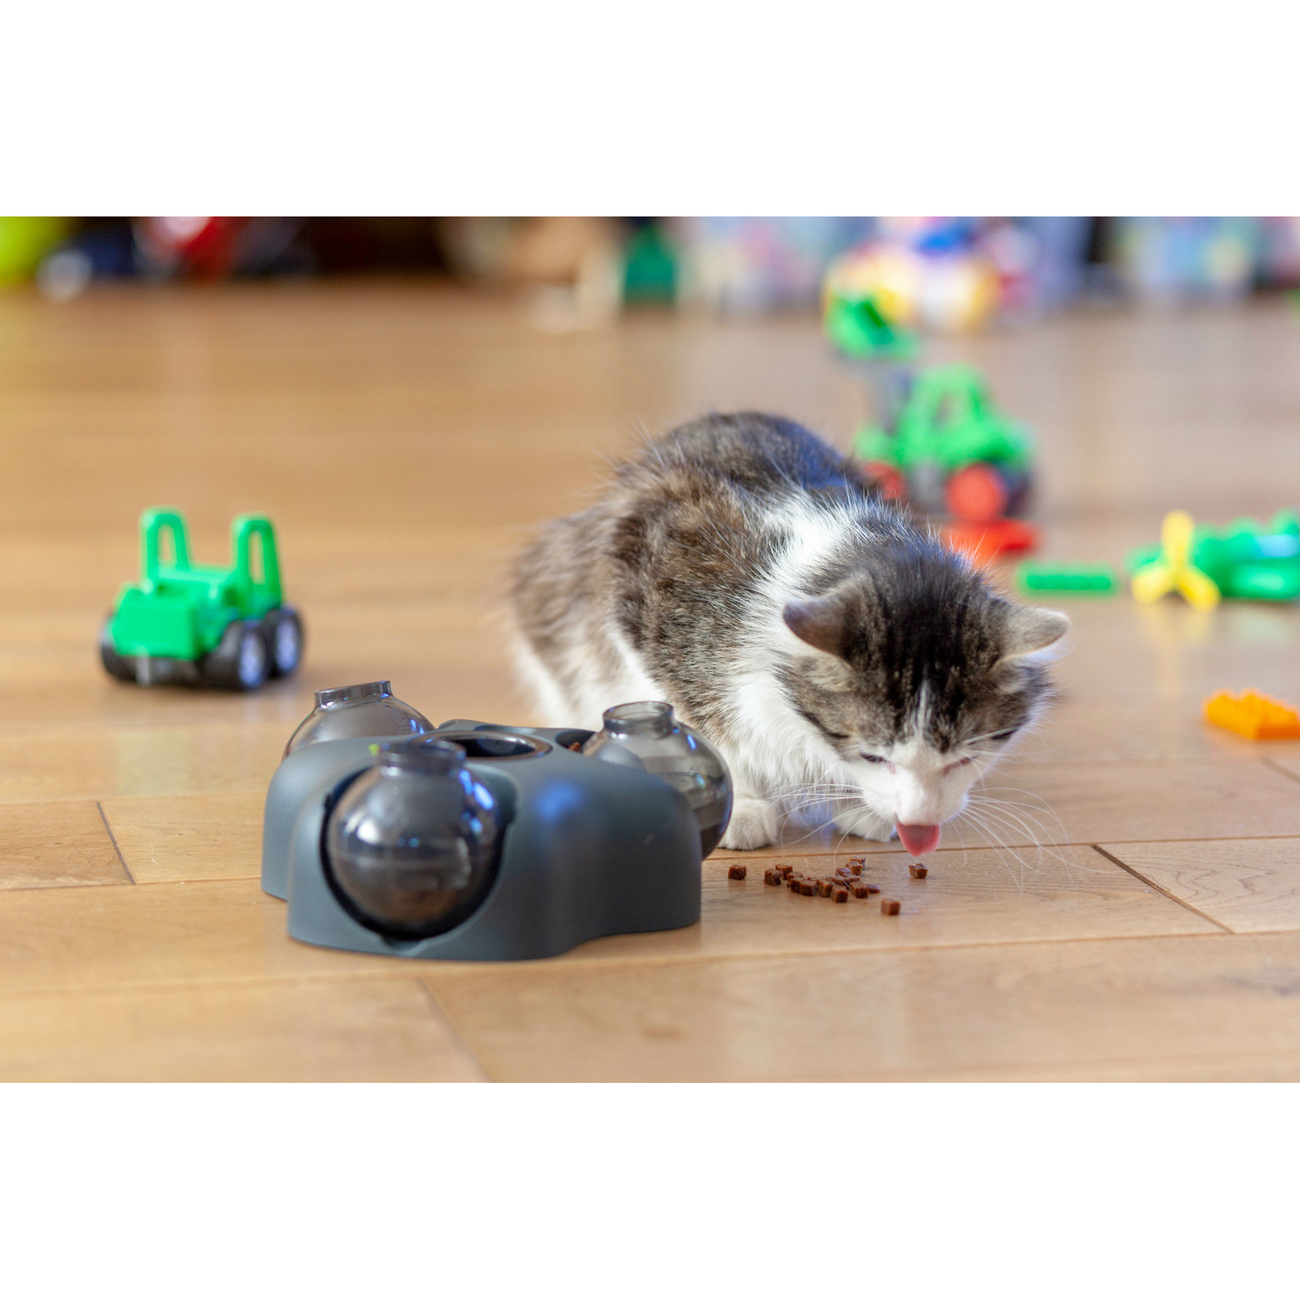 Hunter Intelligenzspielzeug für Hunde und Katzen Kem 65911, Bild 11